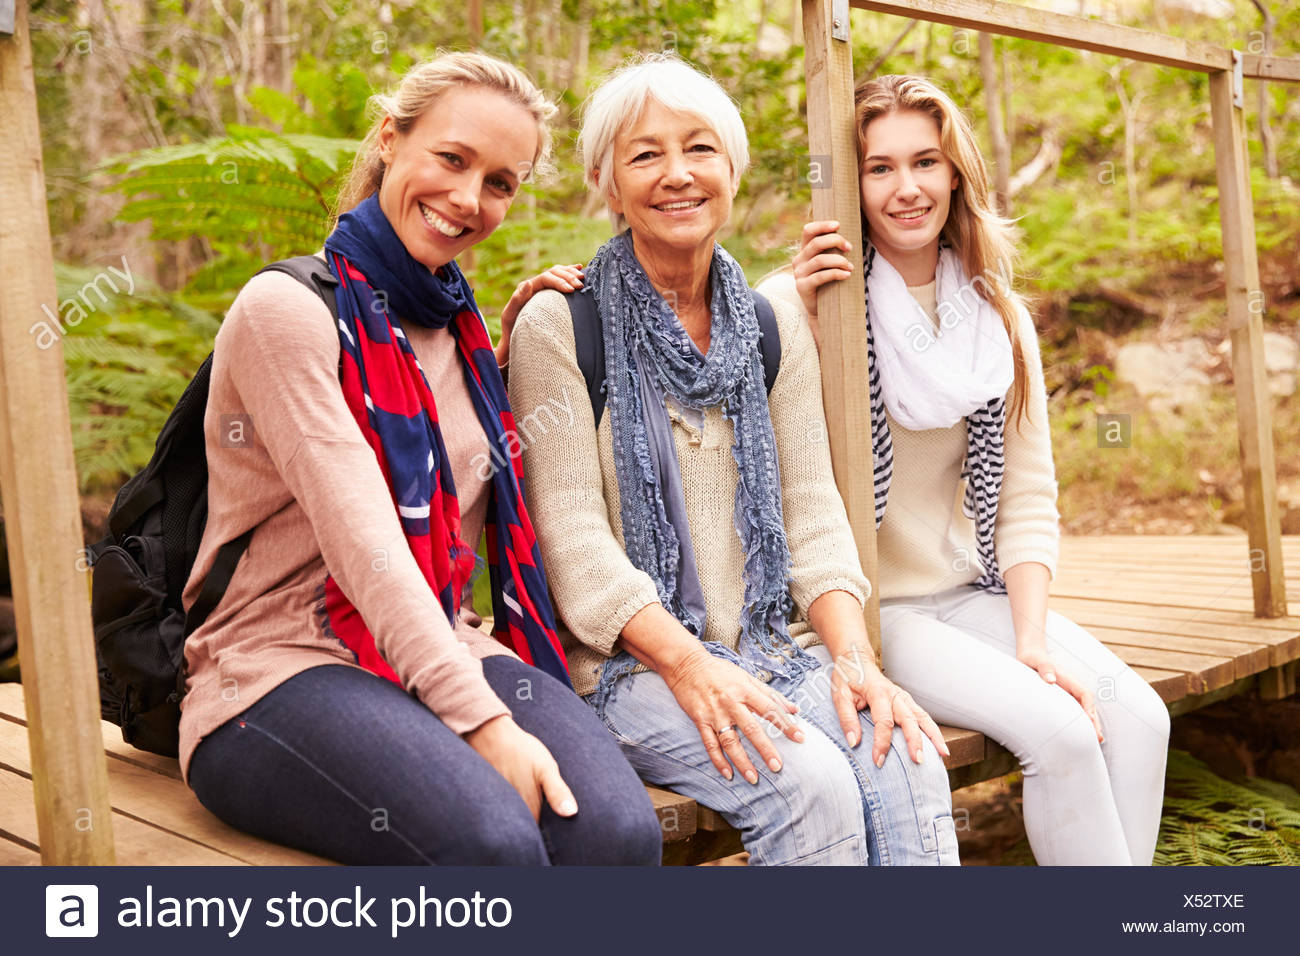 Trois générations de femmes assis dans une forêt, portrait Photo Stock